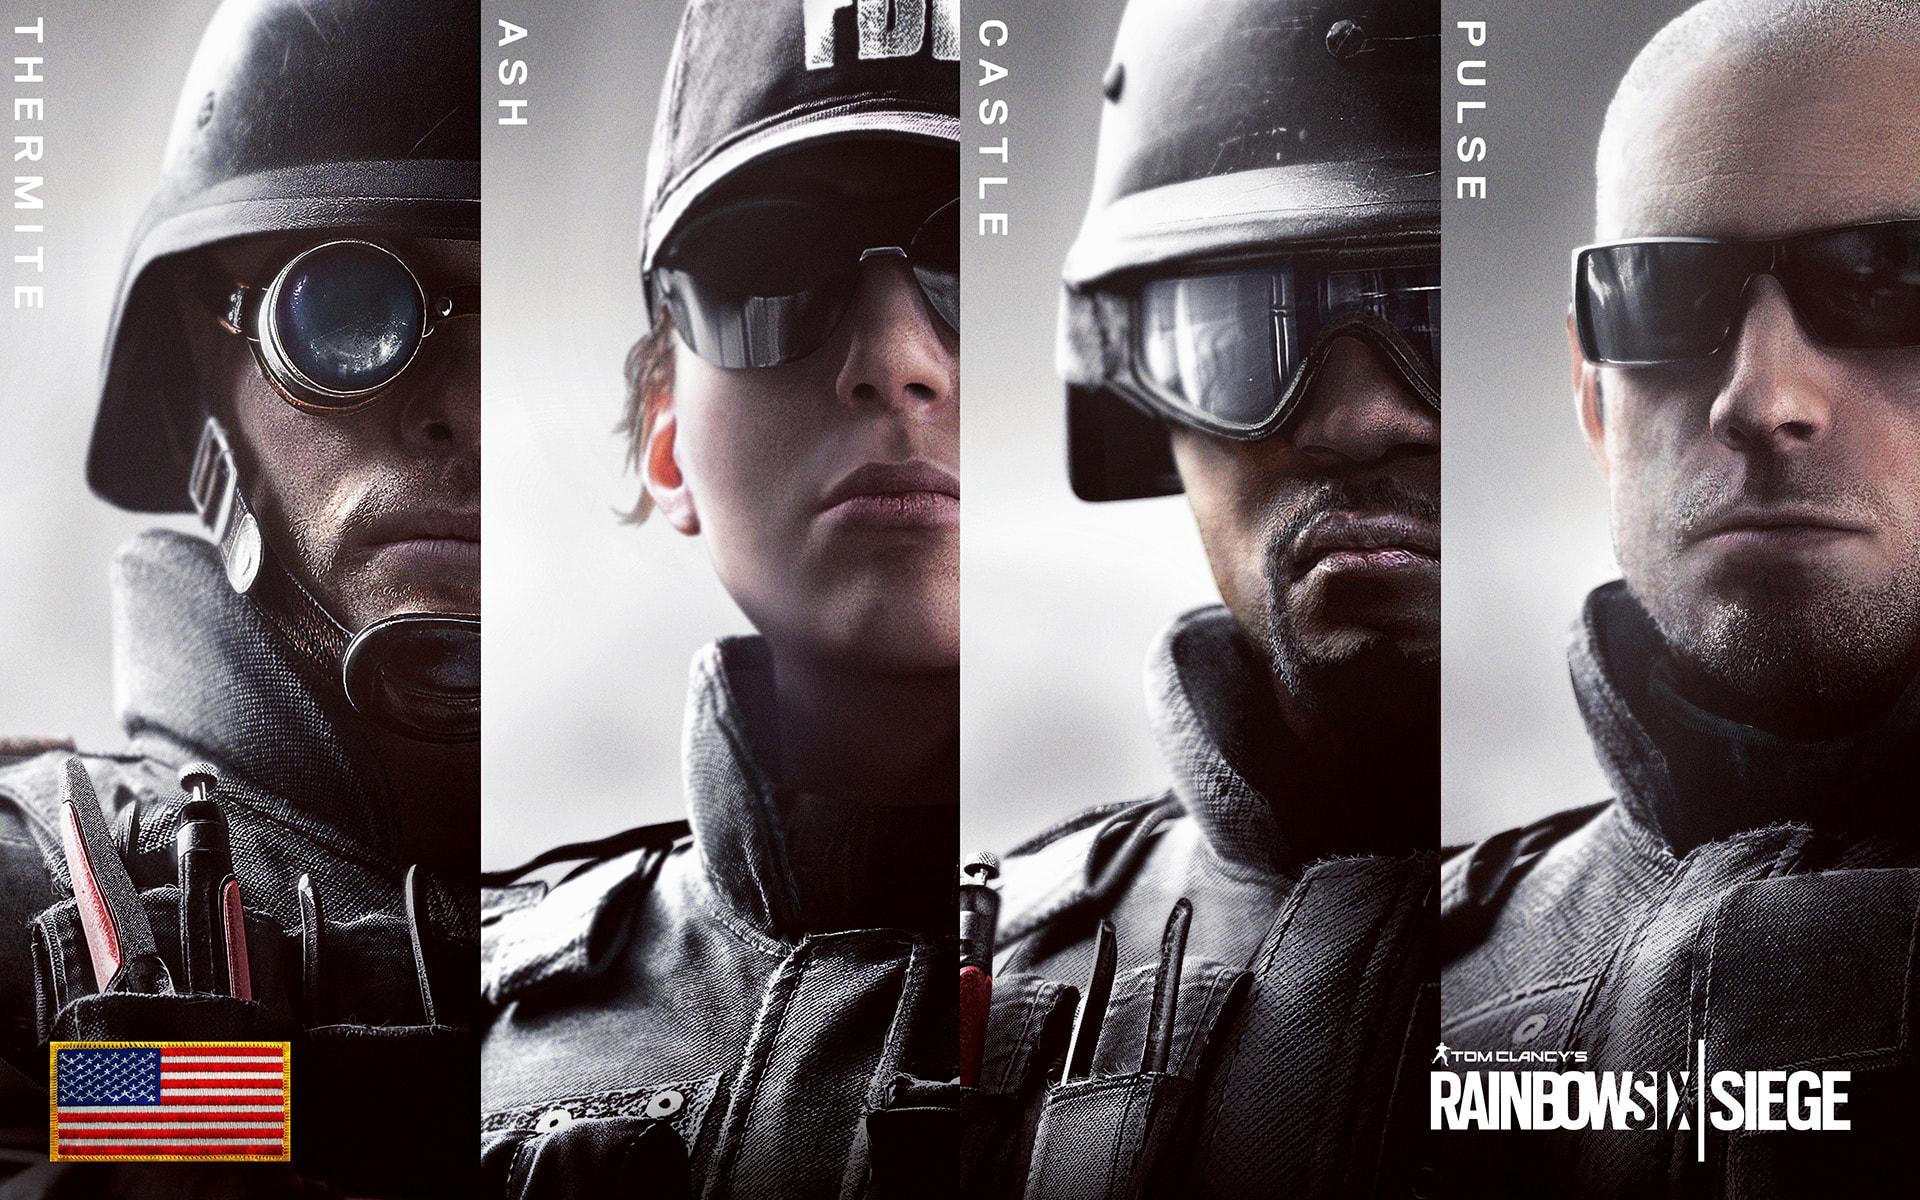 Tom Clancy's Rainbow Six: Siege Download